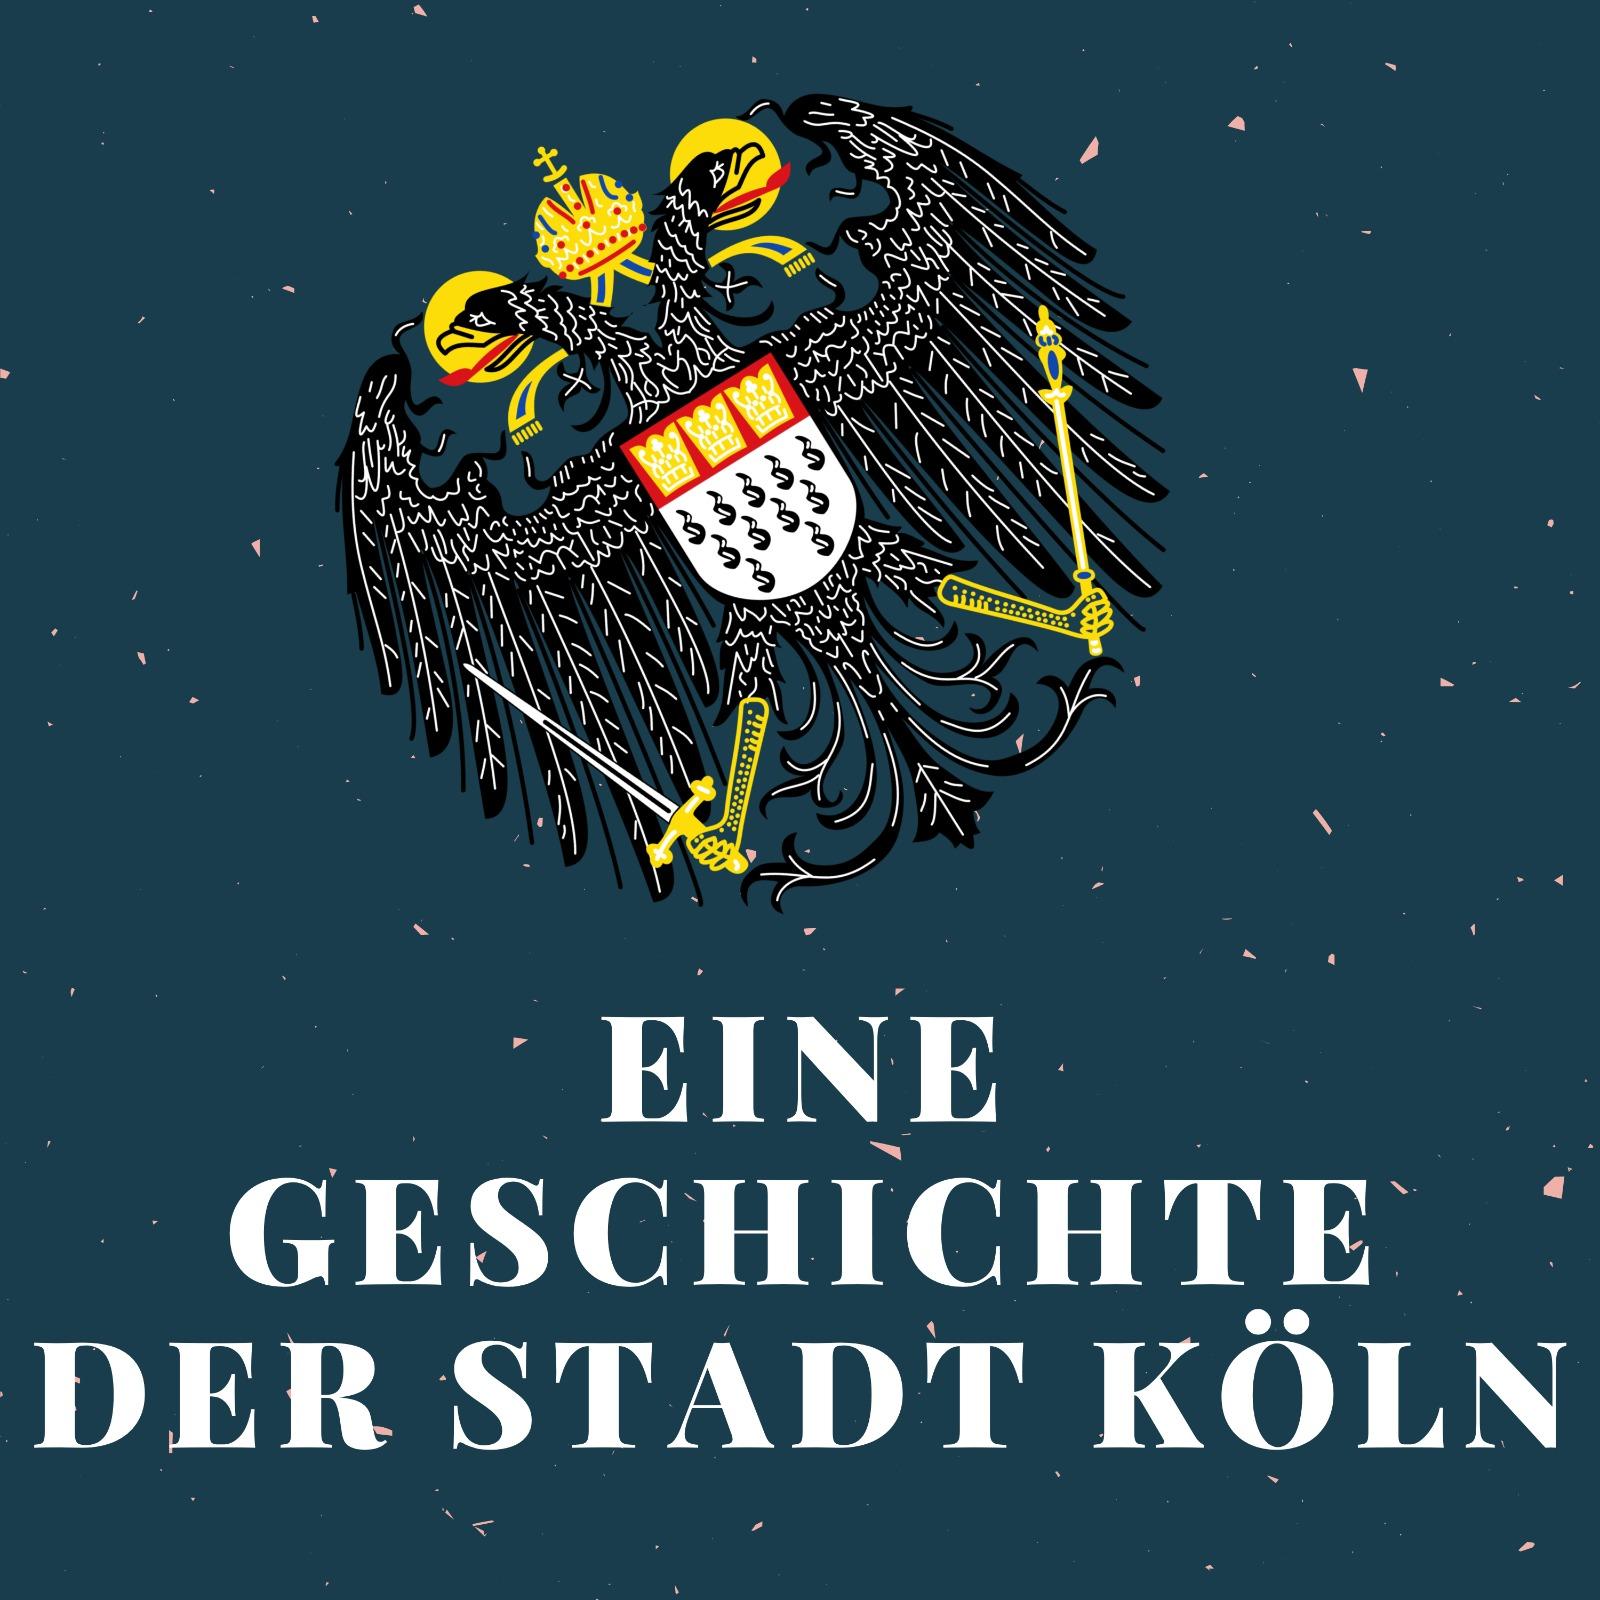 Eine Geschichte der Stadt Köln